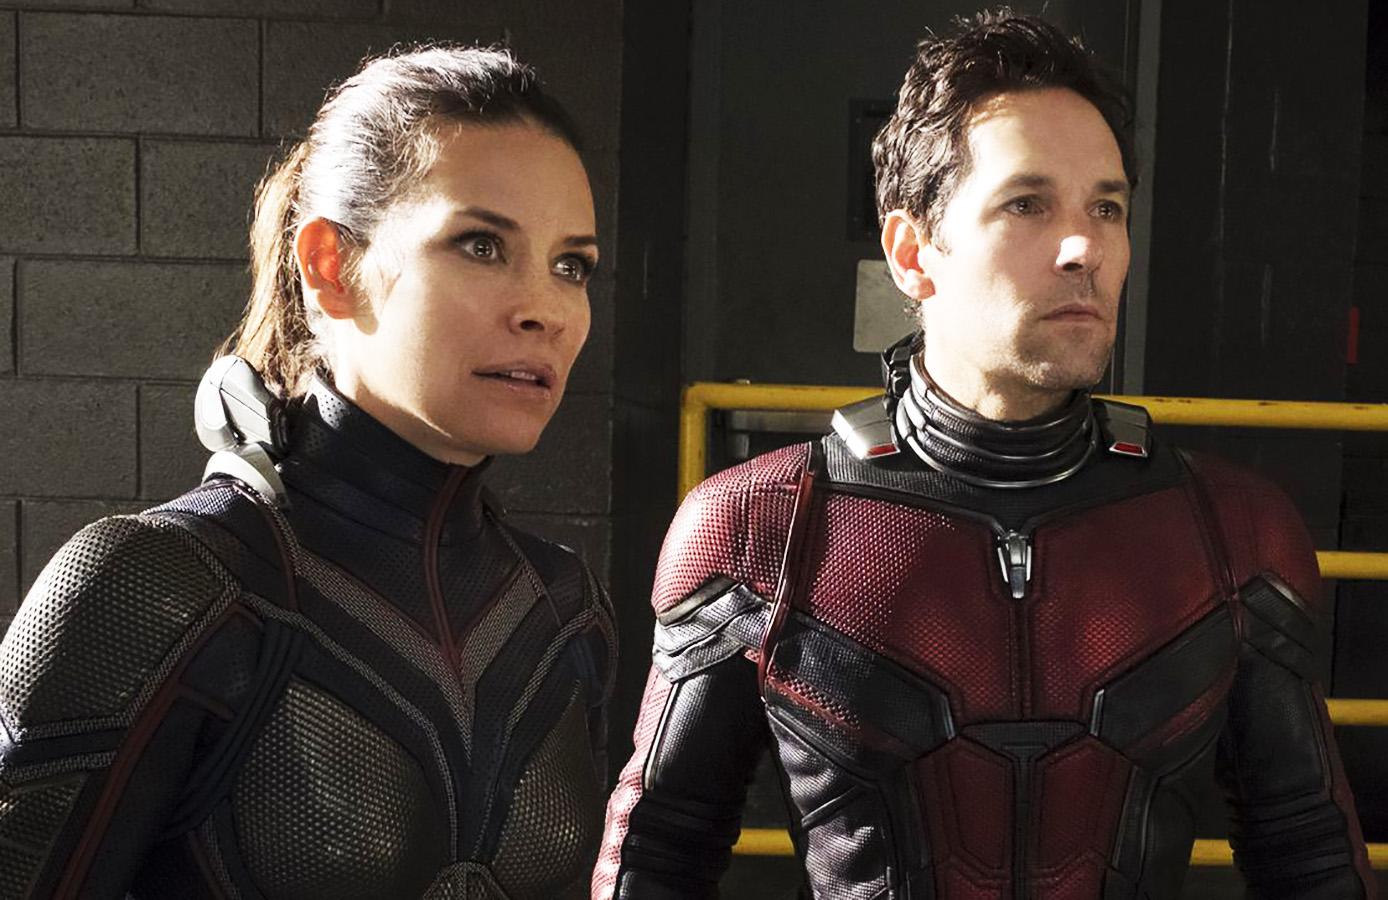 بررسی فیلم Ant-Man and The Wasp؛ دنبالهای منسجمتر و قویتر